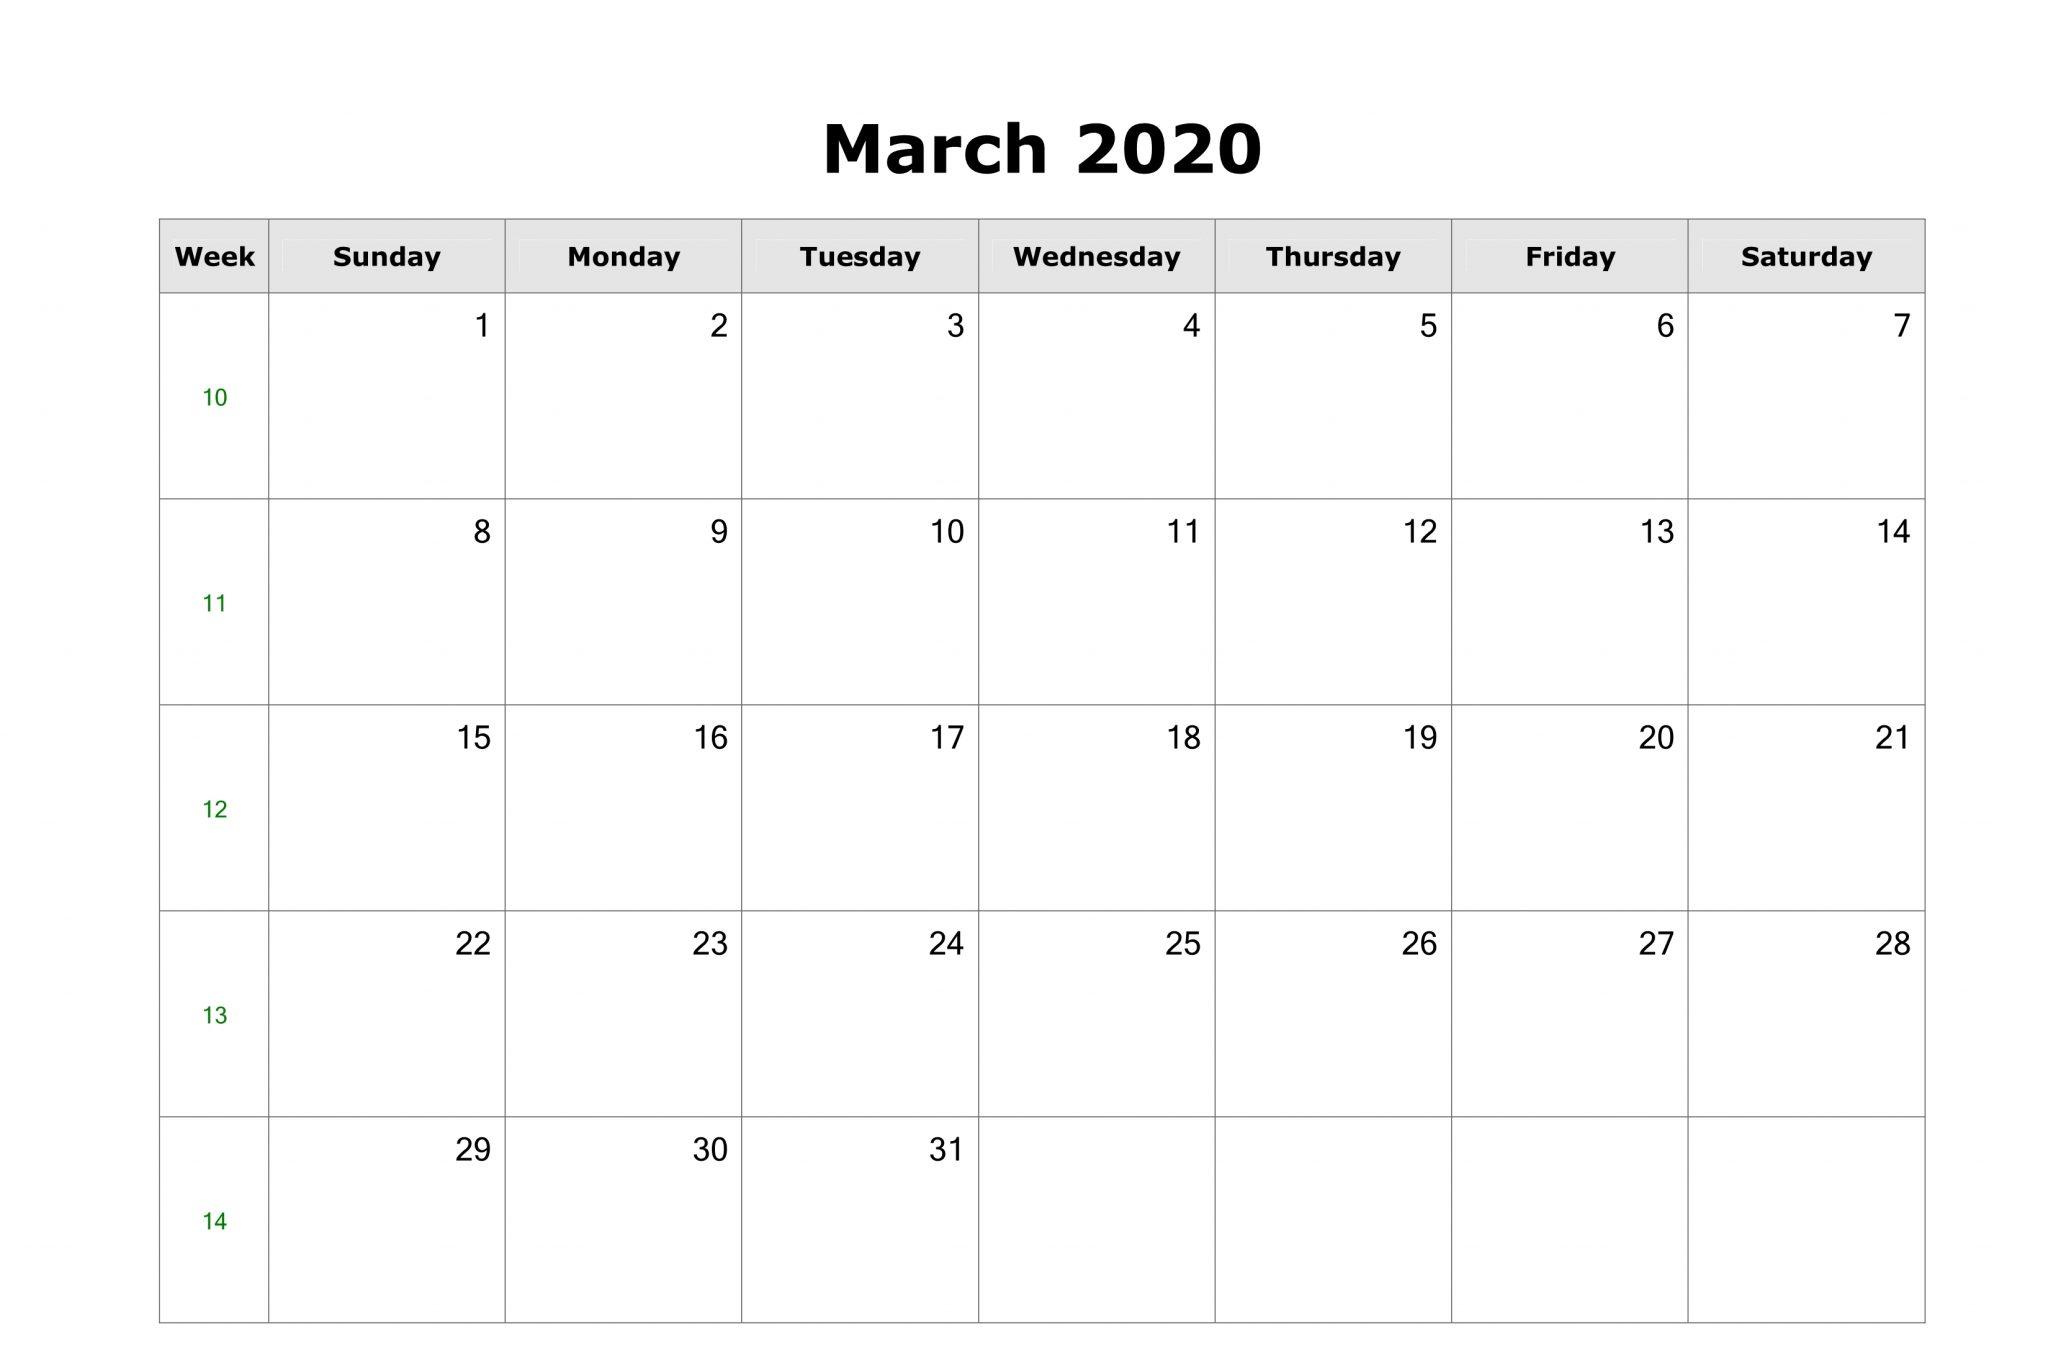 Blank March 2020 Calendar Template